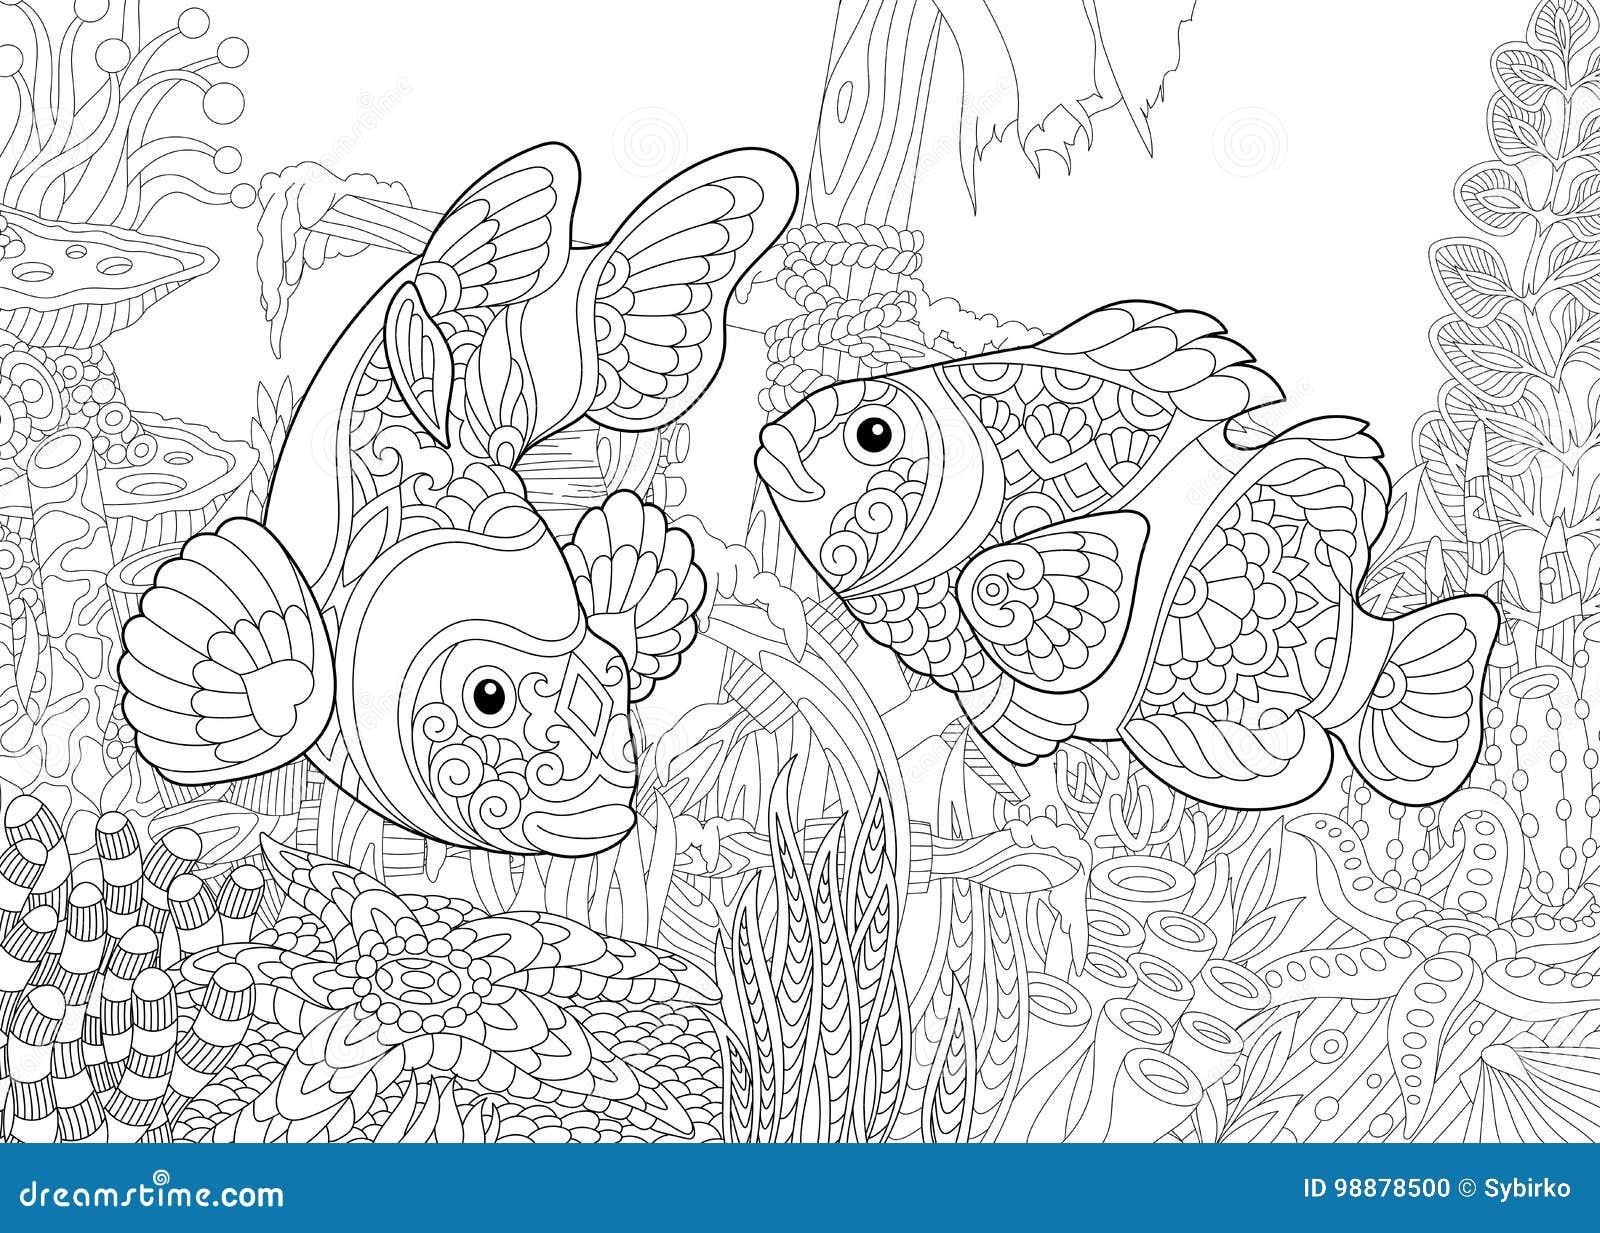 zentangle stilisierte unterwasserwelt vektor abbildung